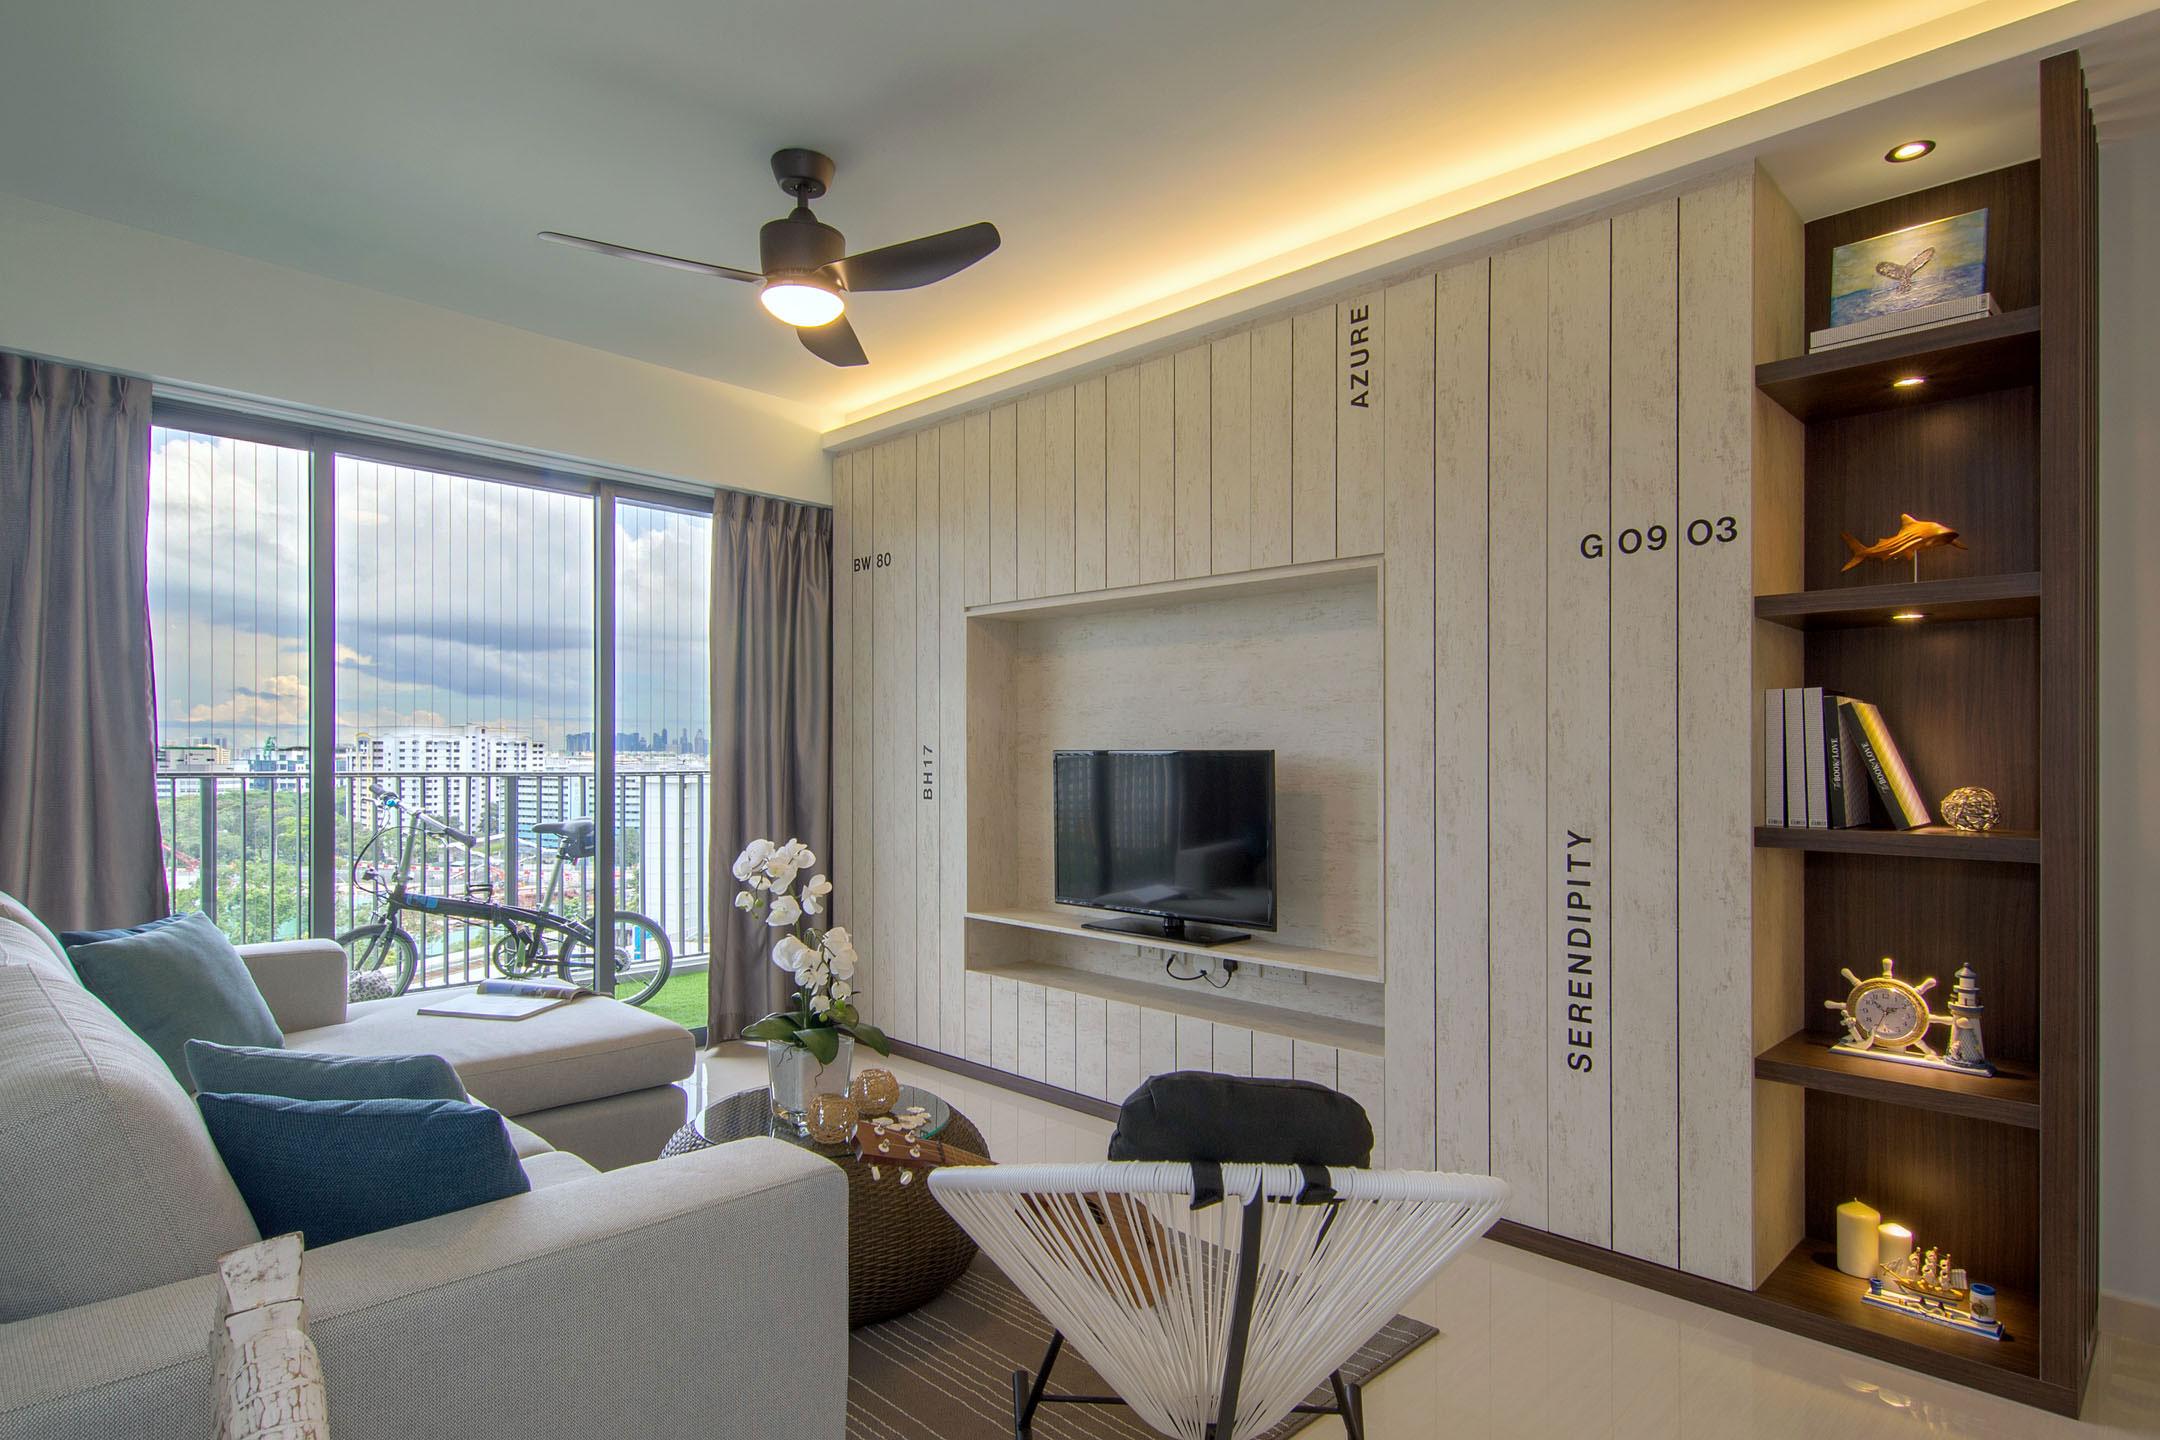 Interior design apartment singapore -  Beach House Urban Apartment In Singapore By Vievva Designers 05